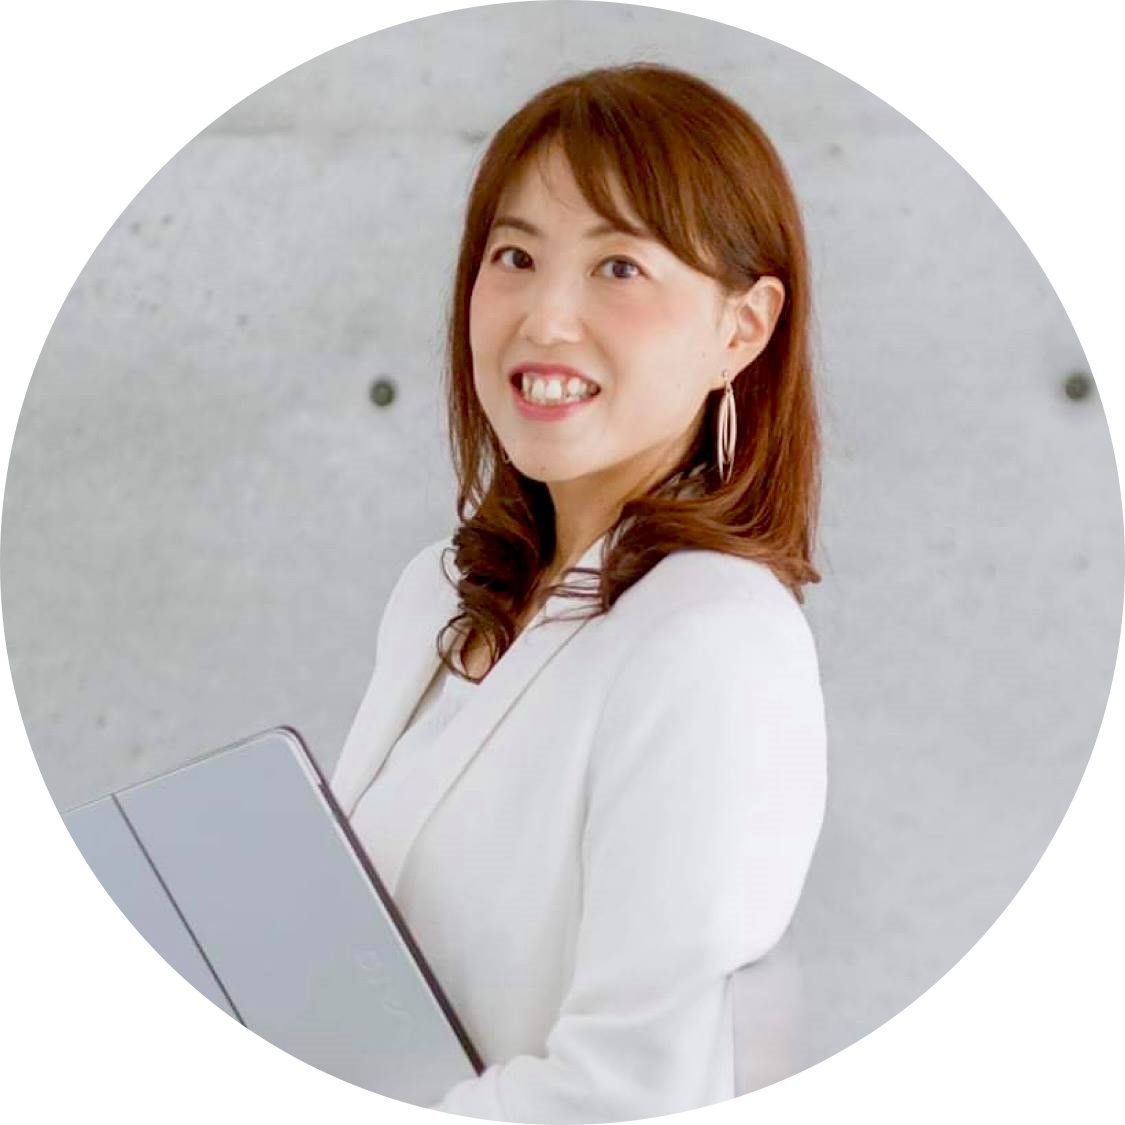 <岡山>都志尚子